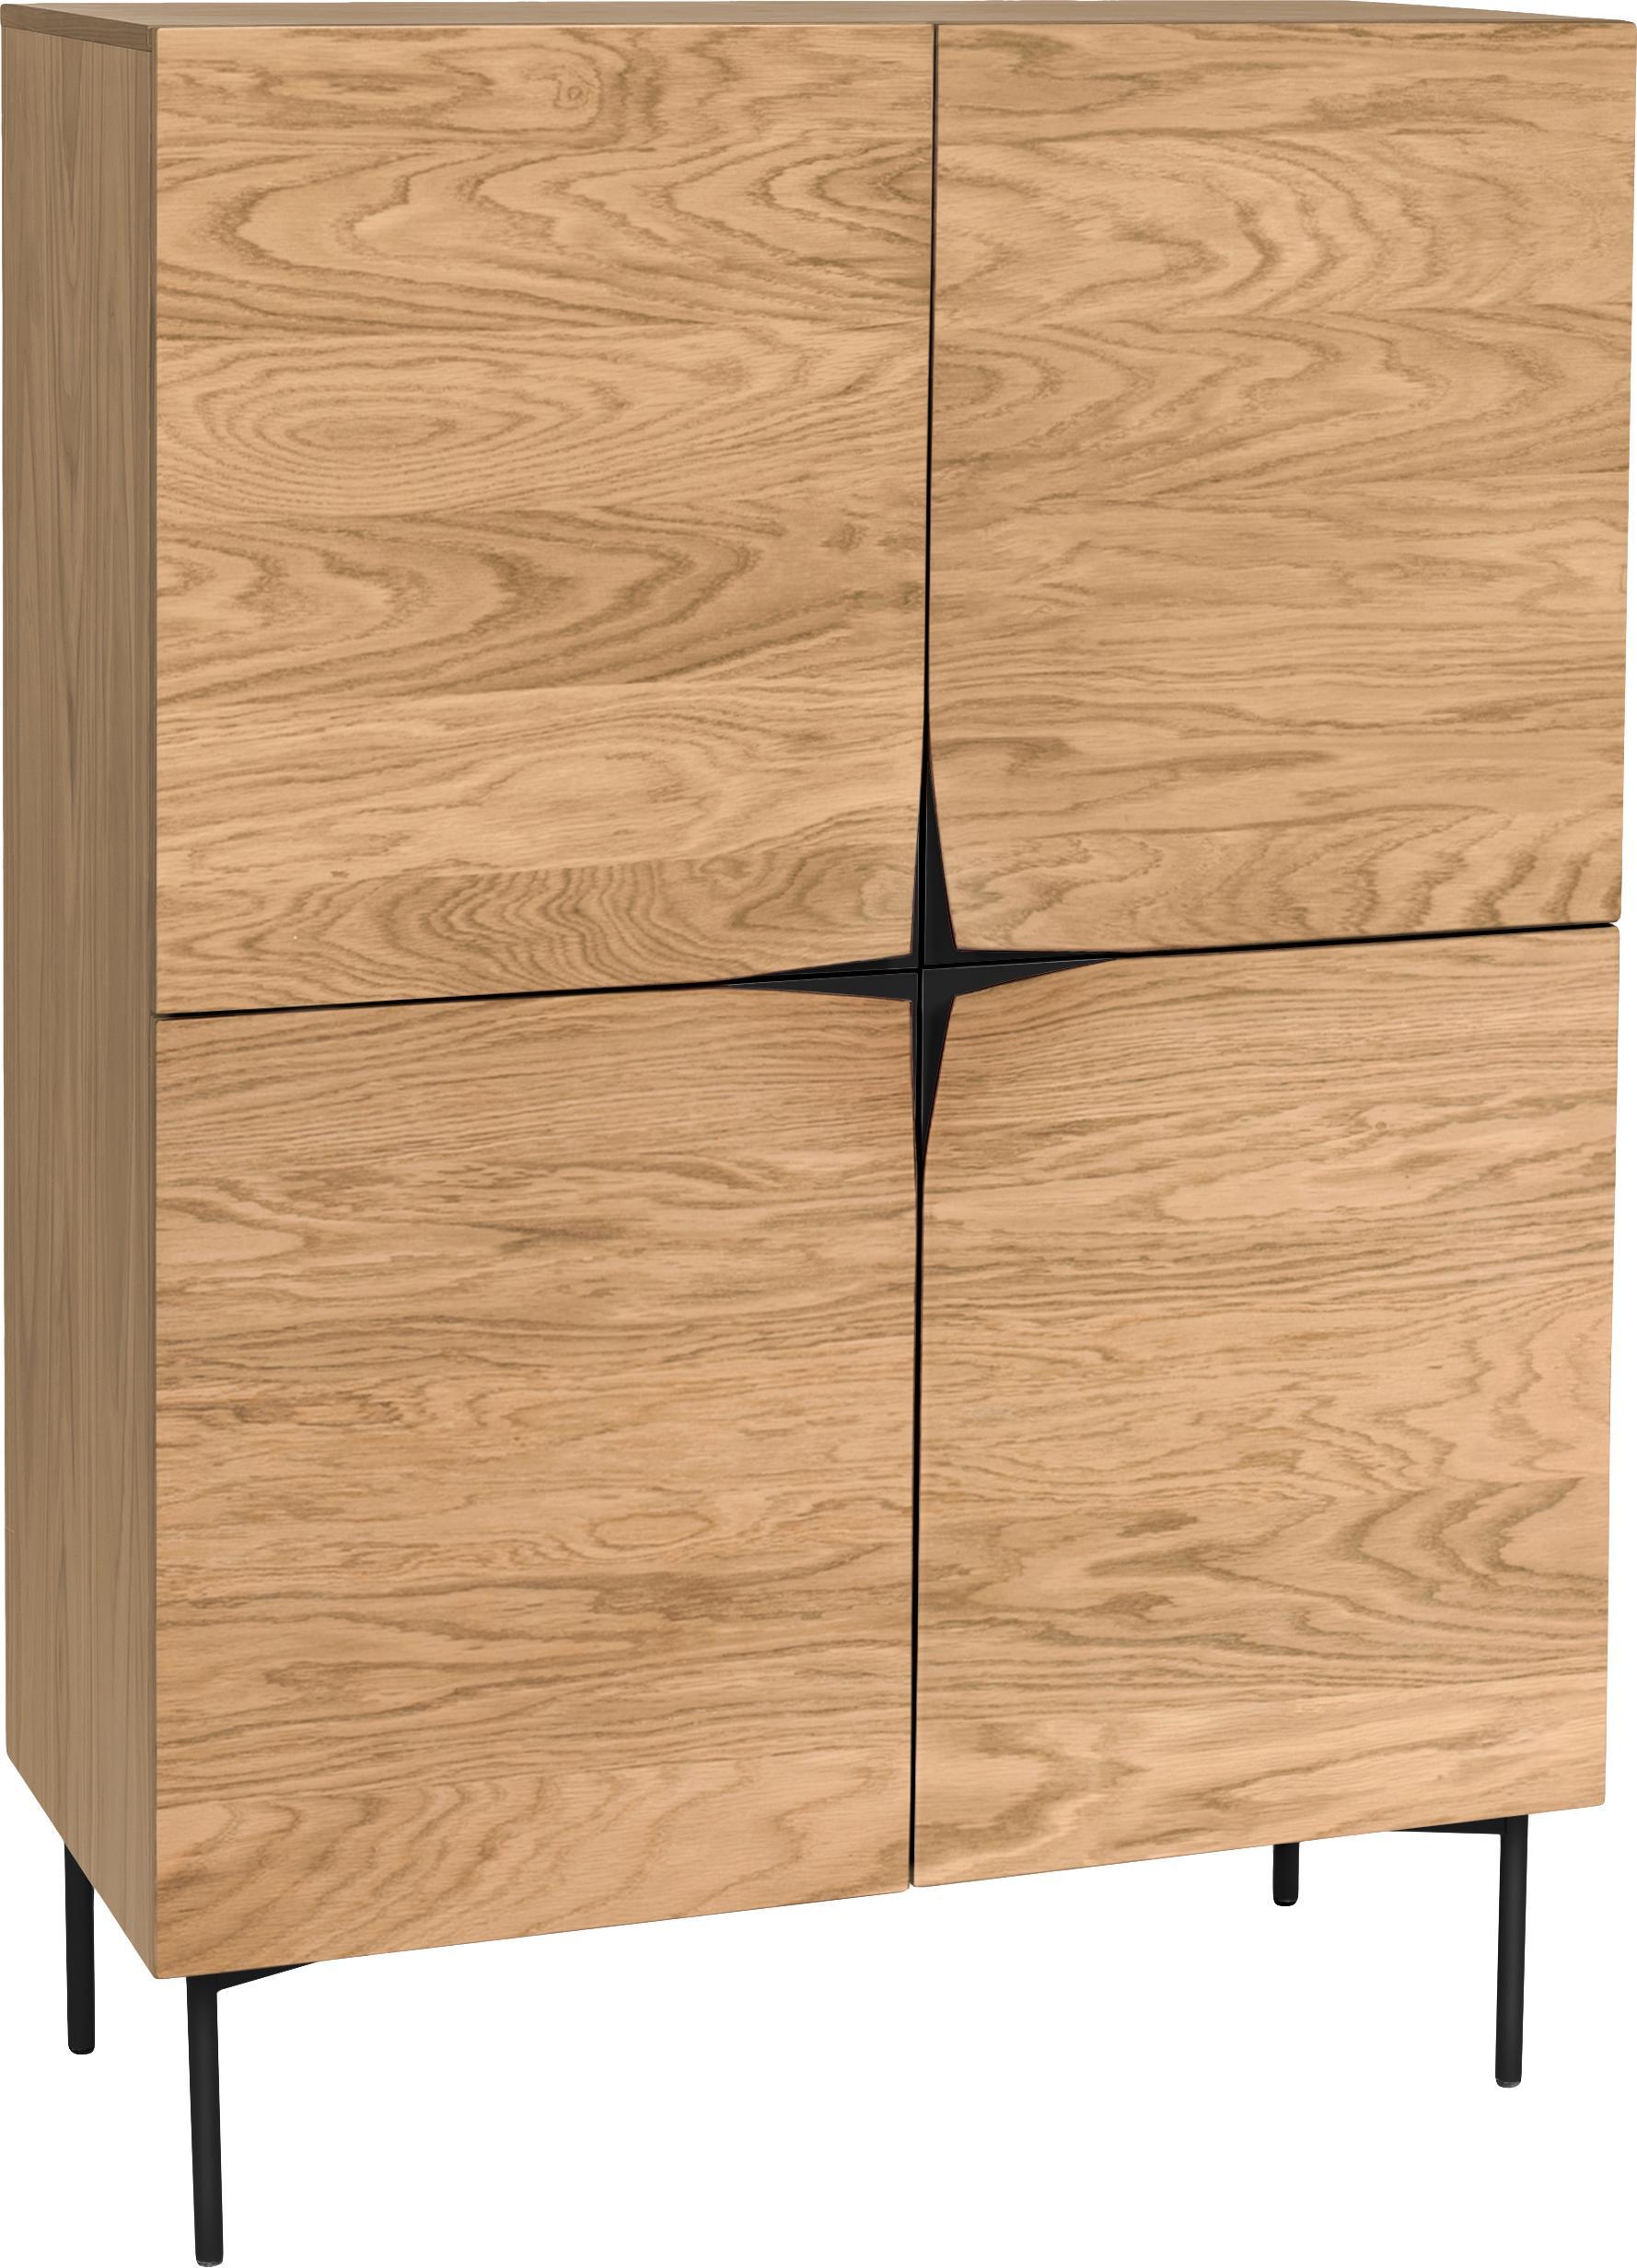 Credenza alta con finitura in quercia Filip, Piedini: metallo verniciato a polv, Legno di quercia, nero, Larg. 100 x Alt. 140 cm